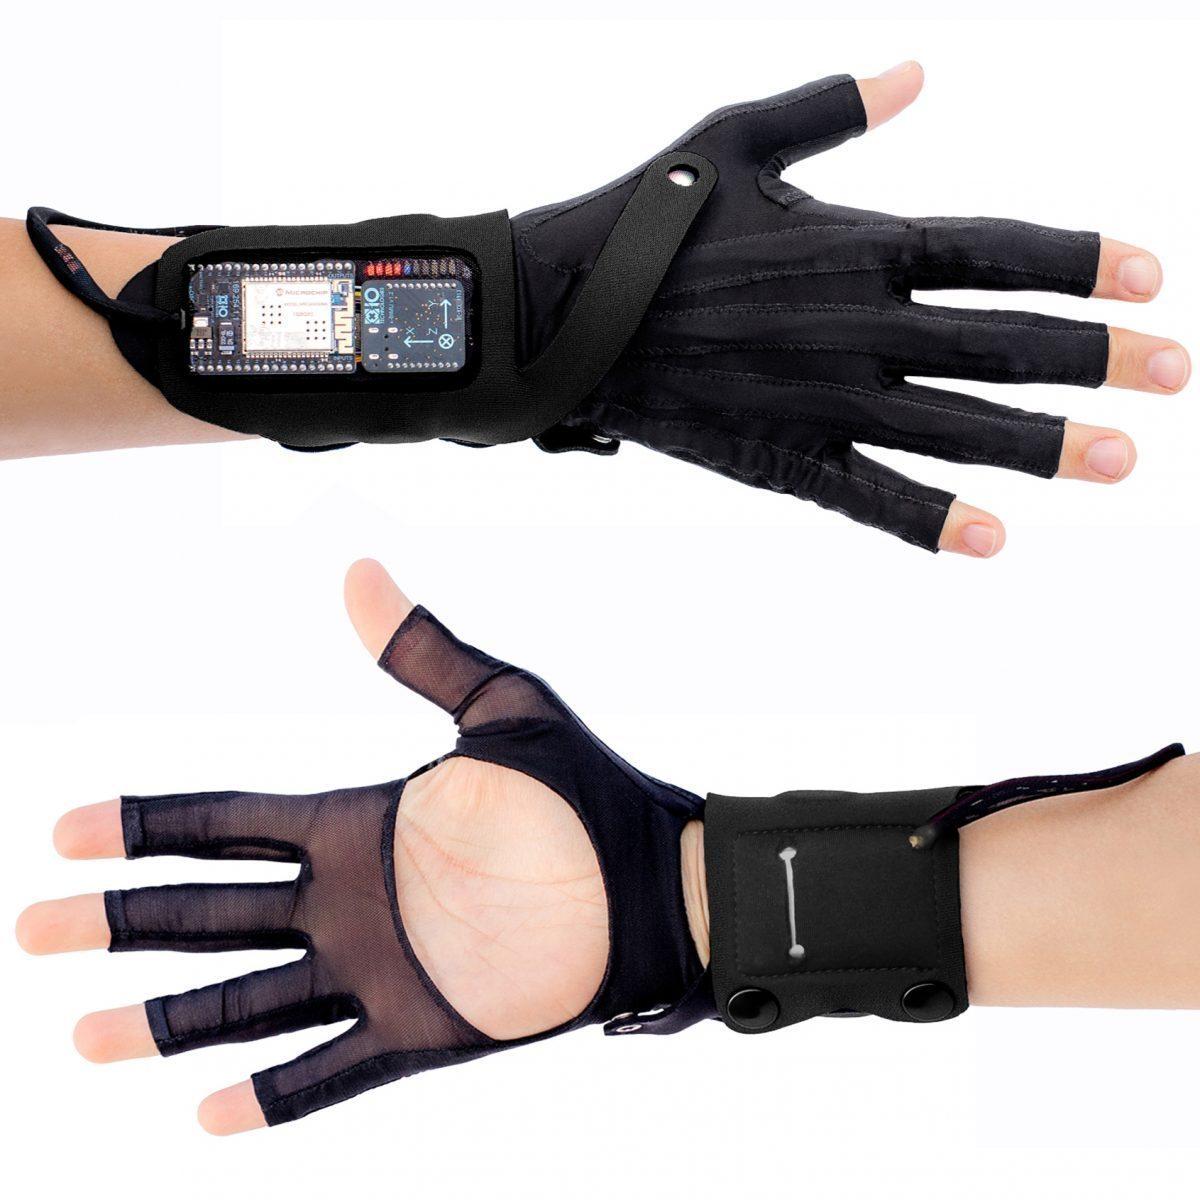 Die MIMUGloves sind schwarze Handschuhe ohne Fingerkuppen und offener Handfläche. Am Handgelenk sitzt ein Monitor, der z.B. Klangqualität oder Volumen anzeigt.